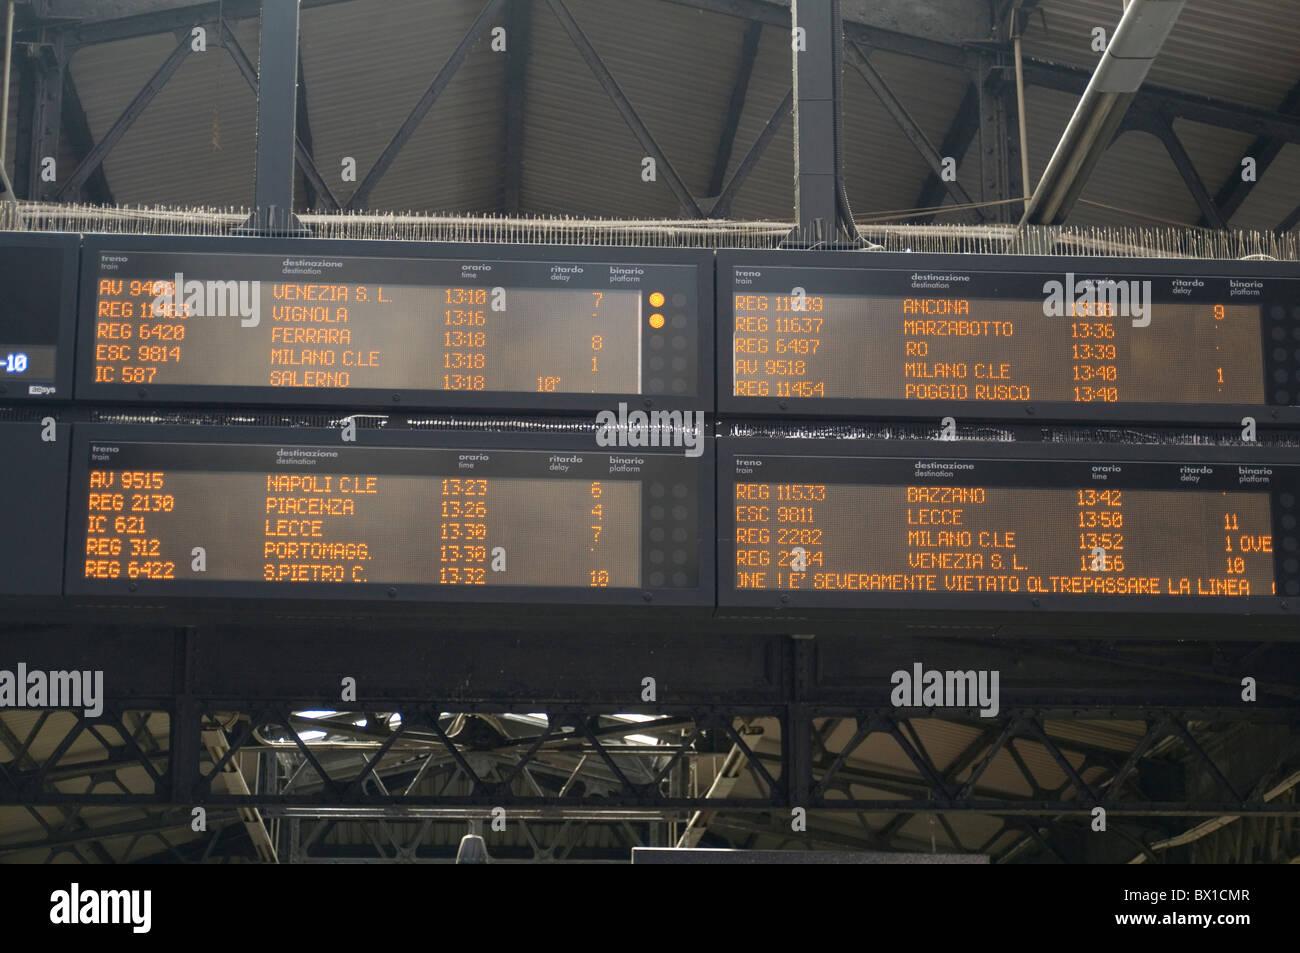 Zugabfahrt Abfahrt Ankunft Informationen Fahrplan Fahrpläne Zeit Tabelle Tabellen Bahnhof Ankünfte auf Stockbild